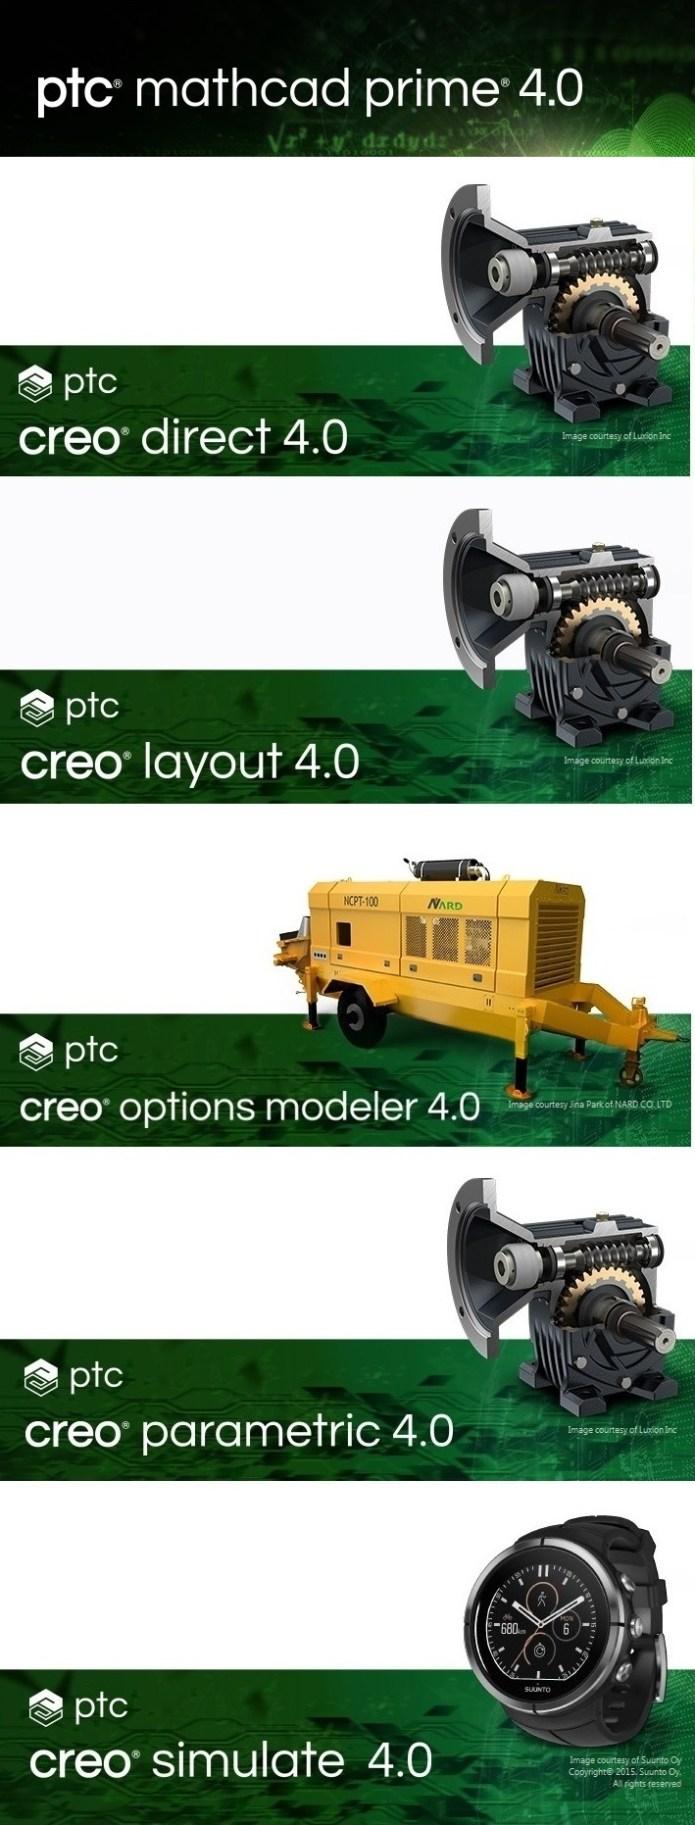 PTC Creo 4.0 M050 x64 full